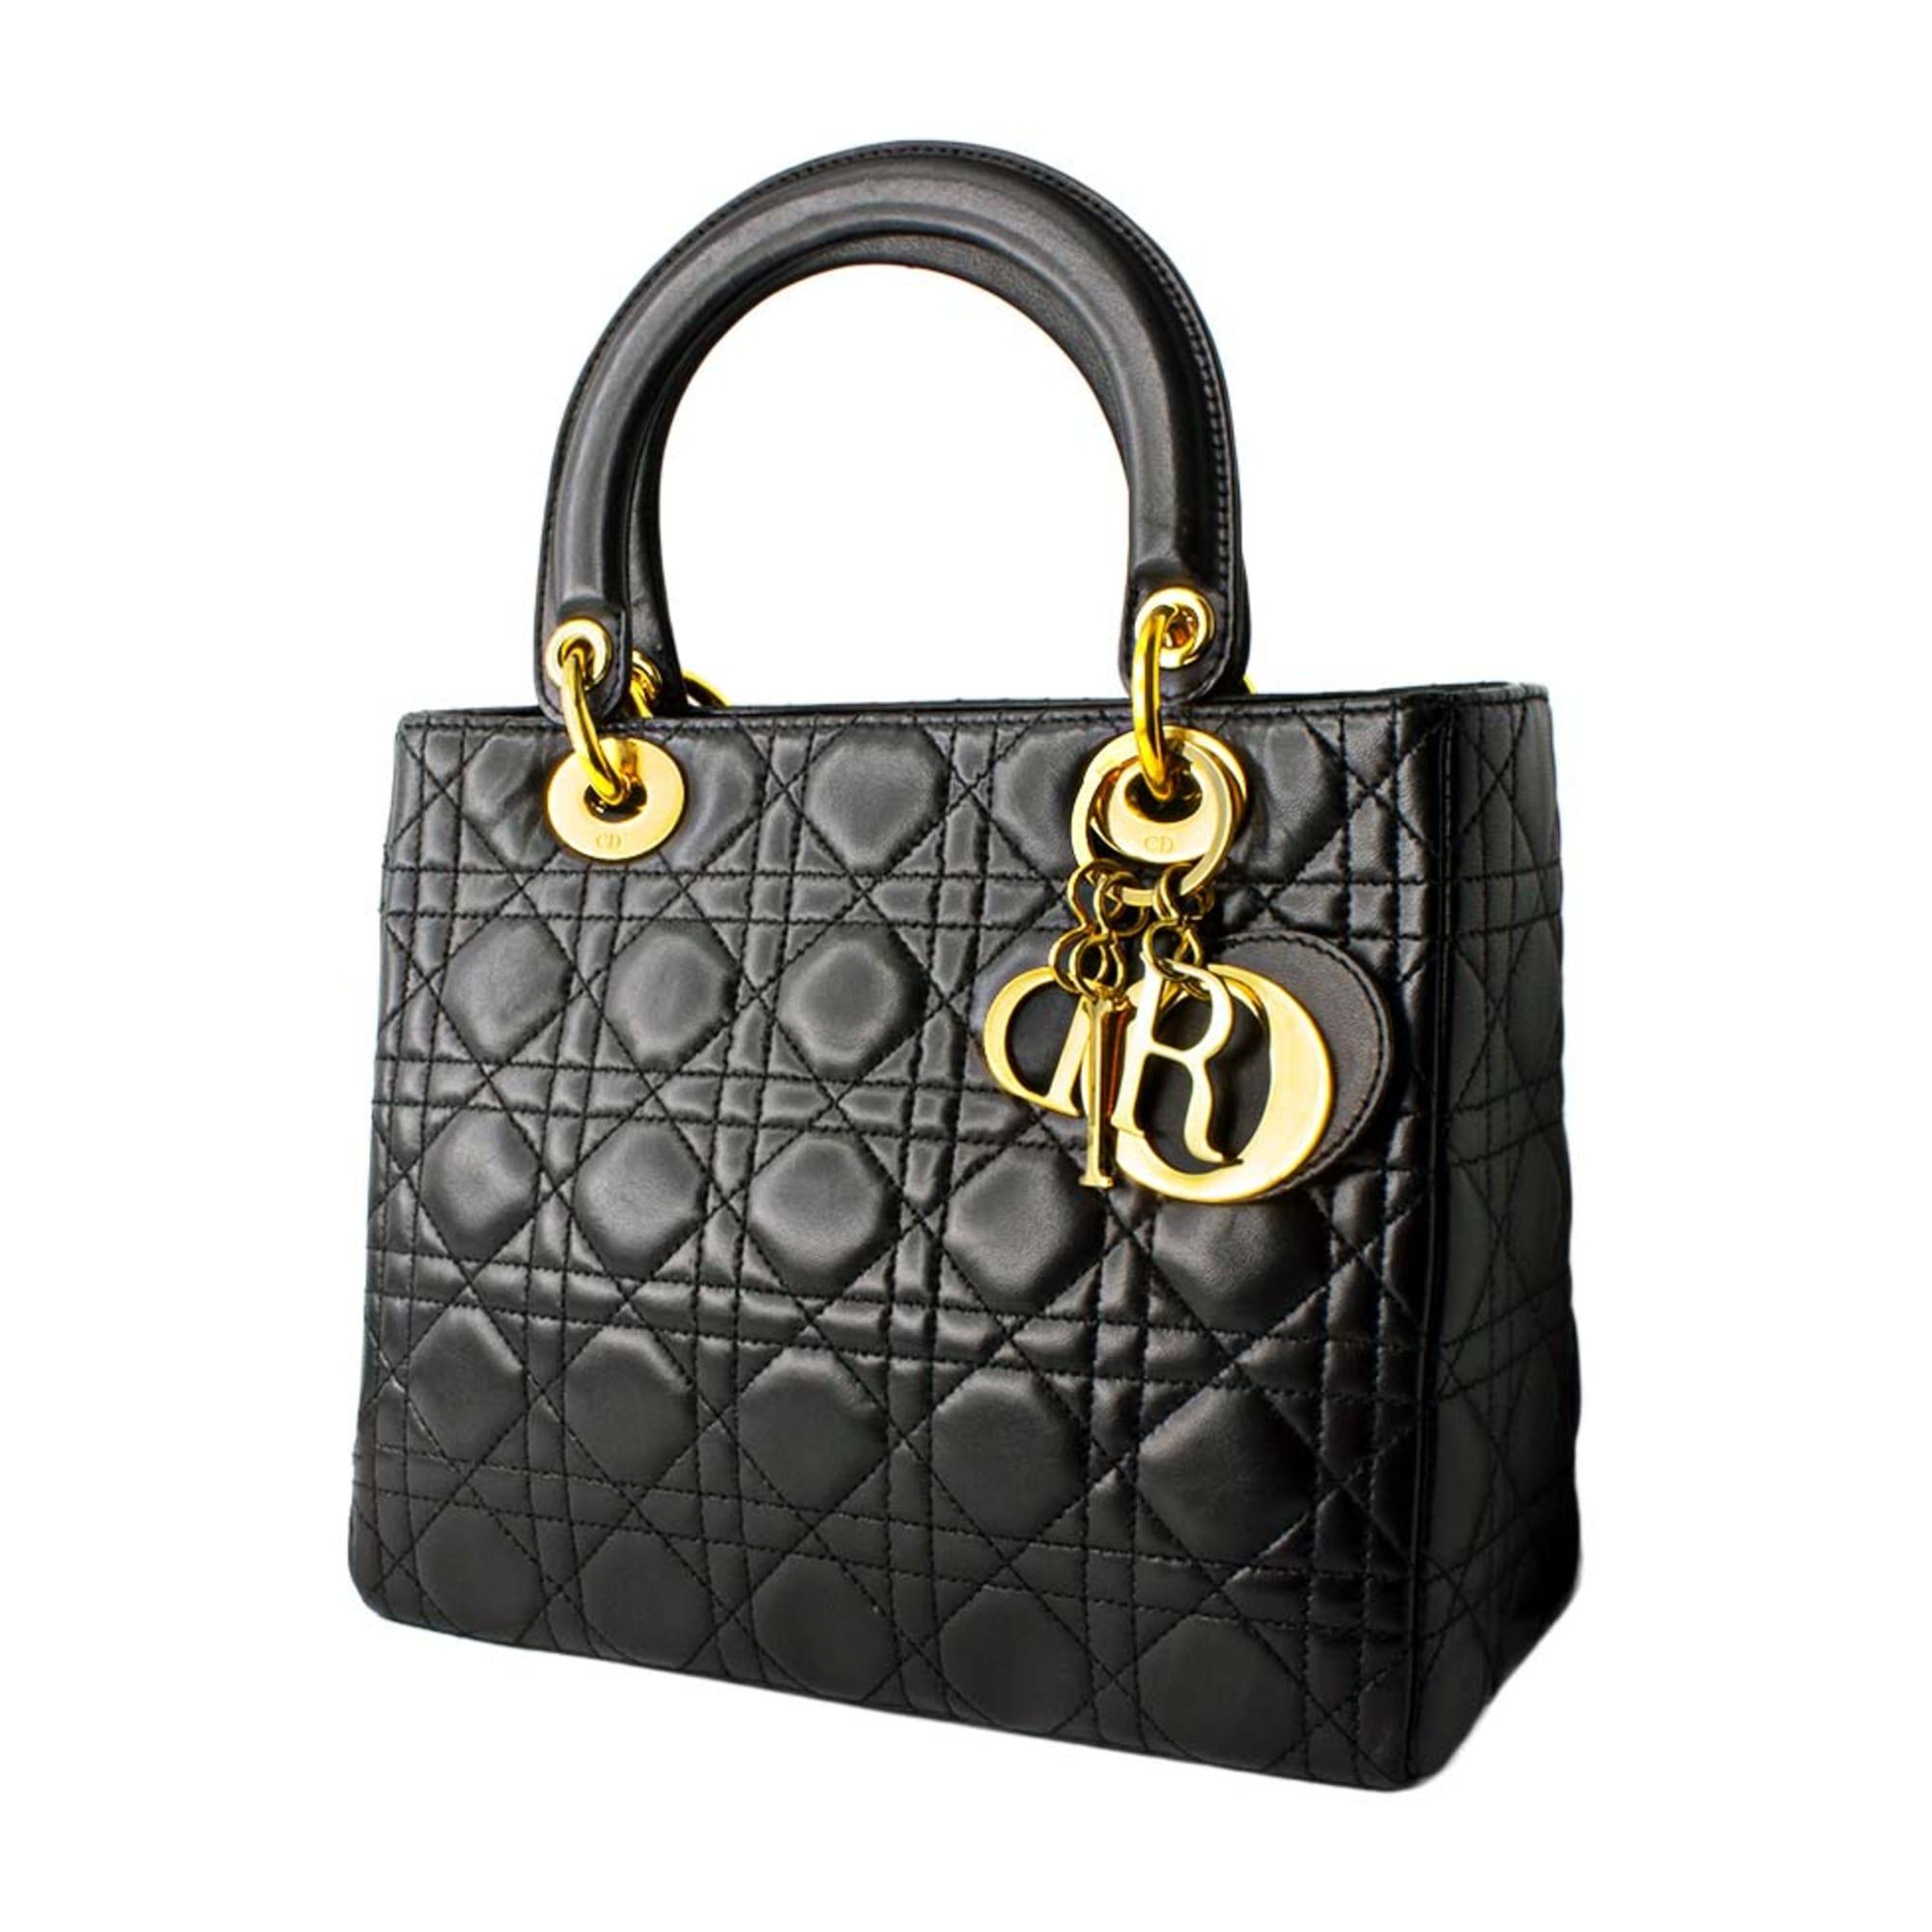 2858ce4caa Sac à main en cuir DIOR lady dior noir - 8049508